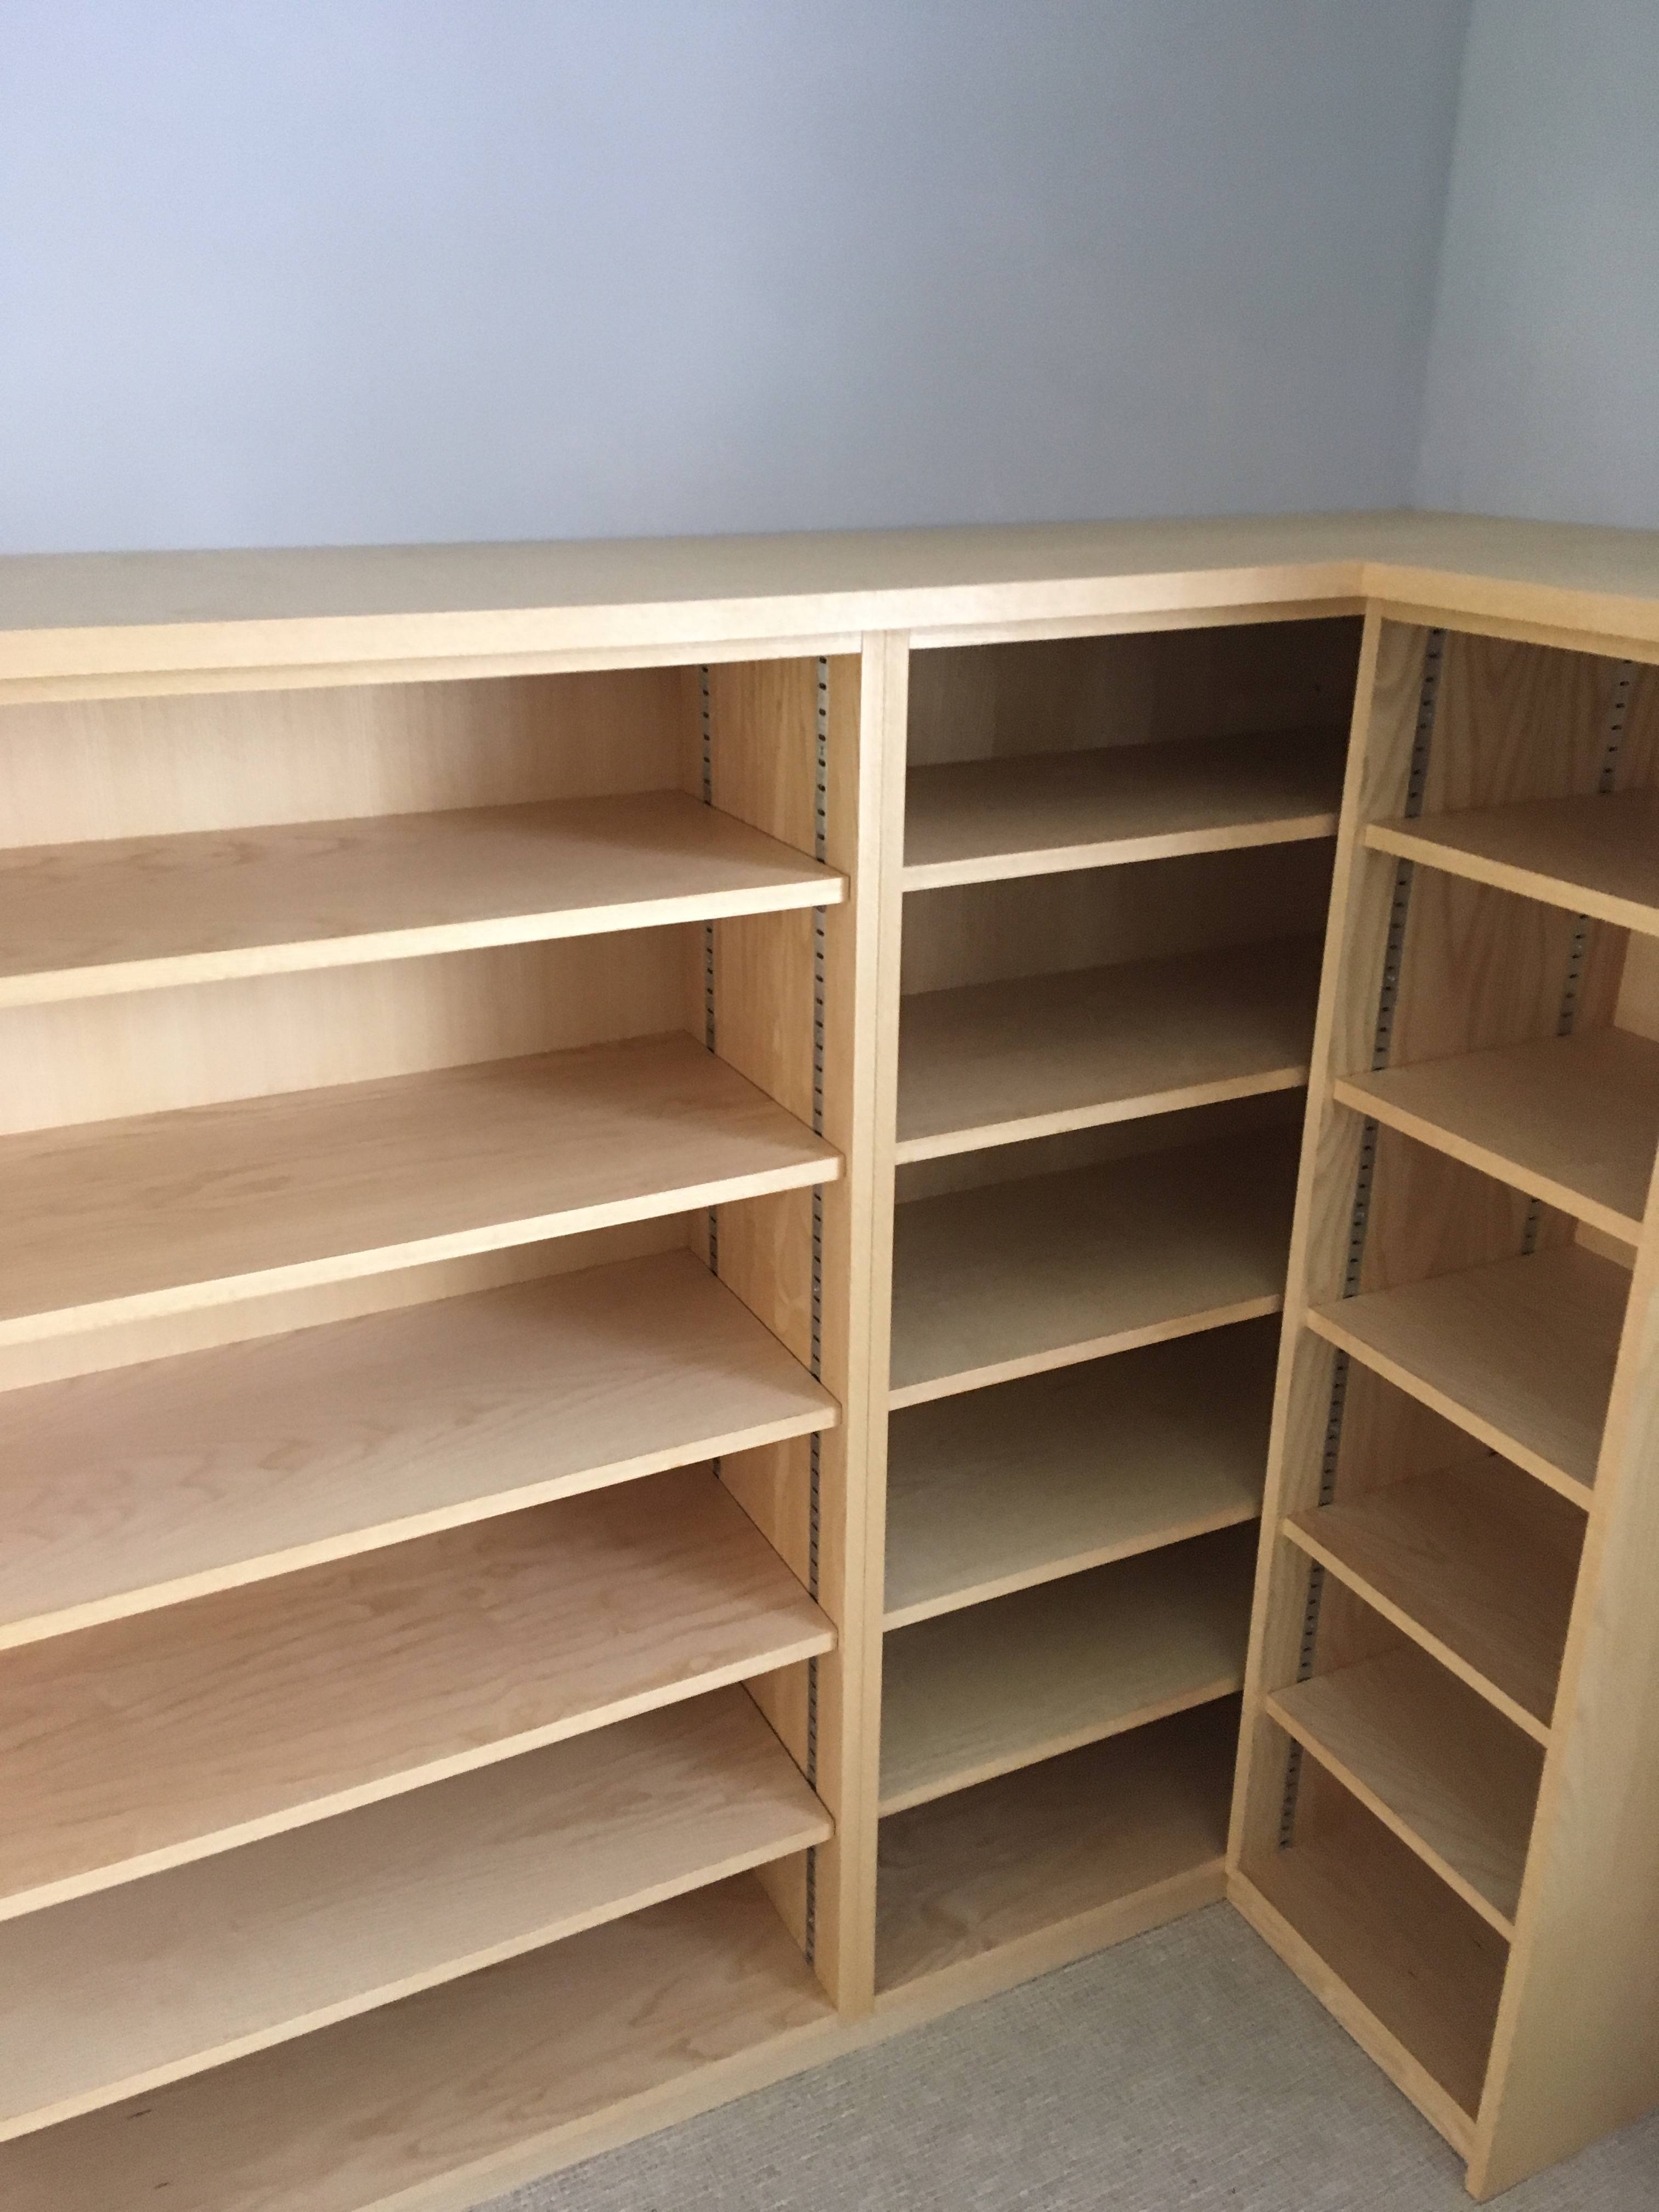 Bespoke bookshelves.